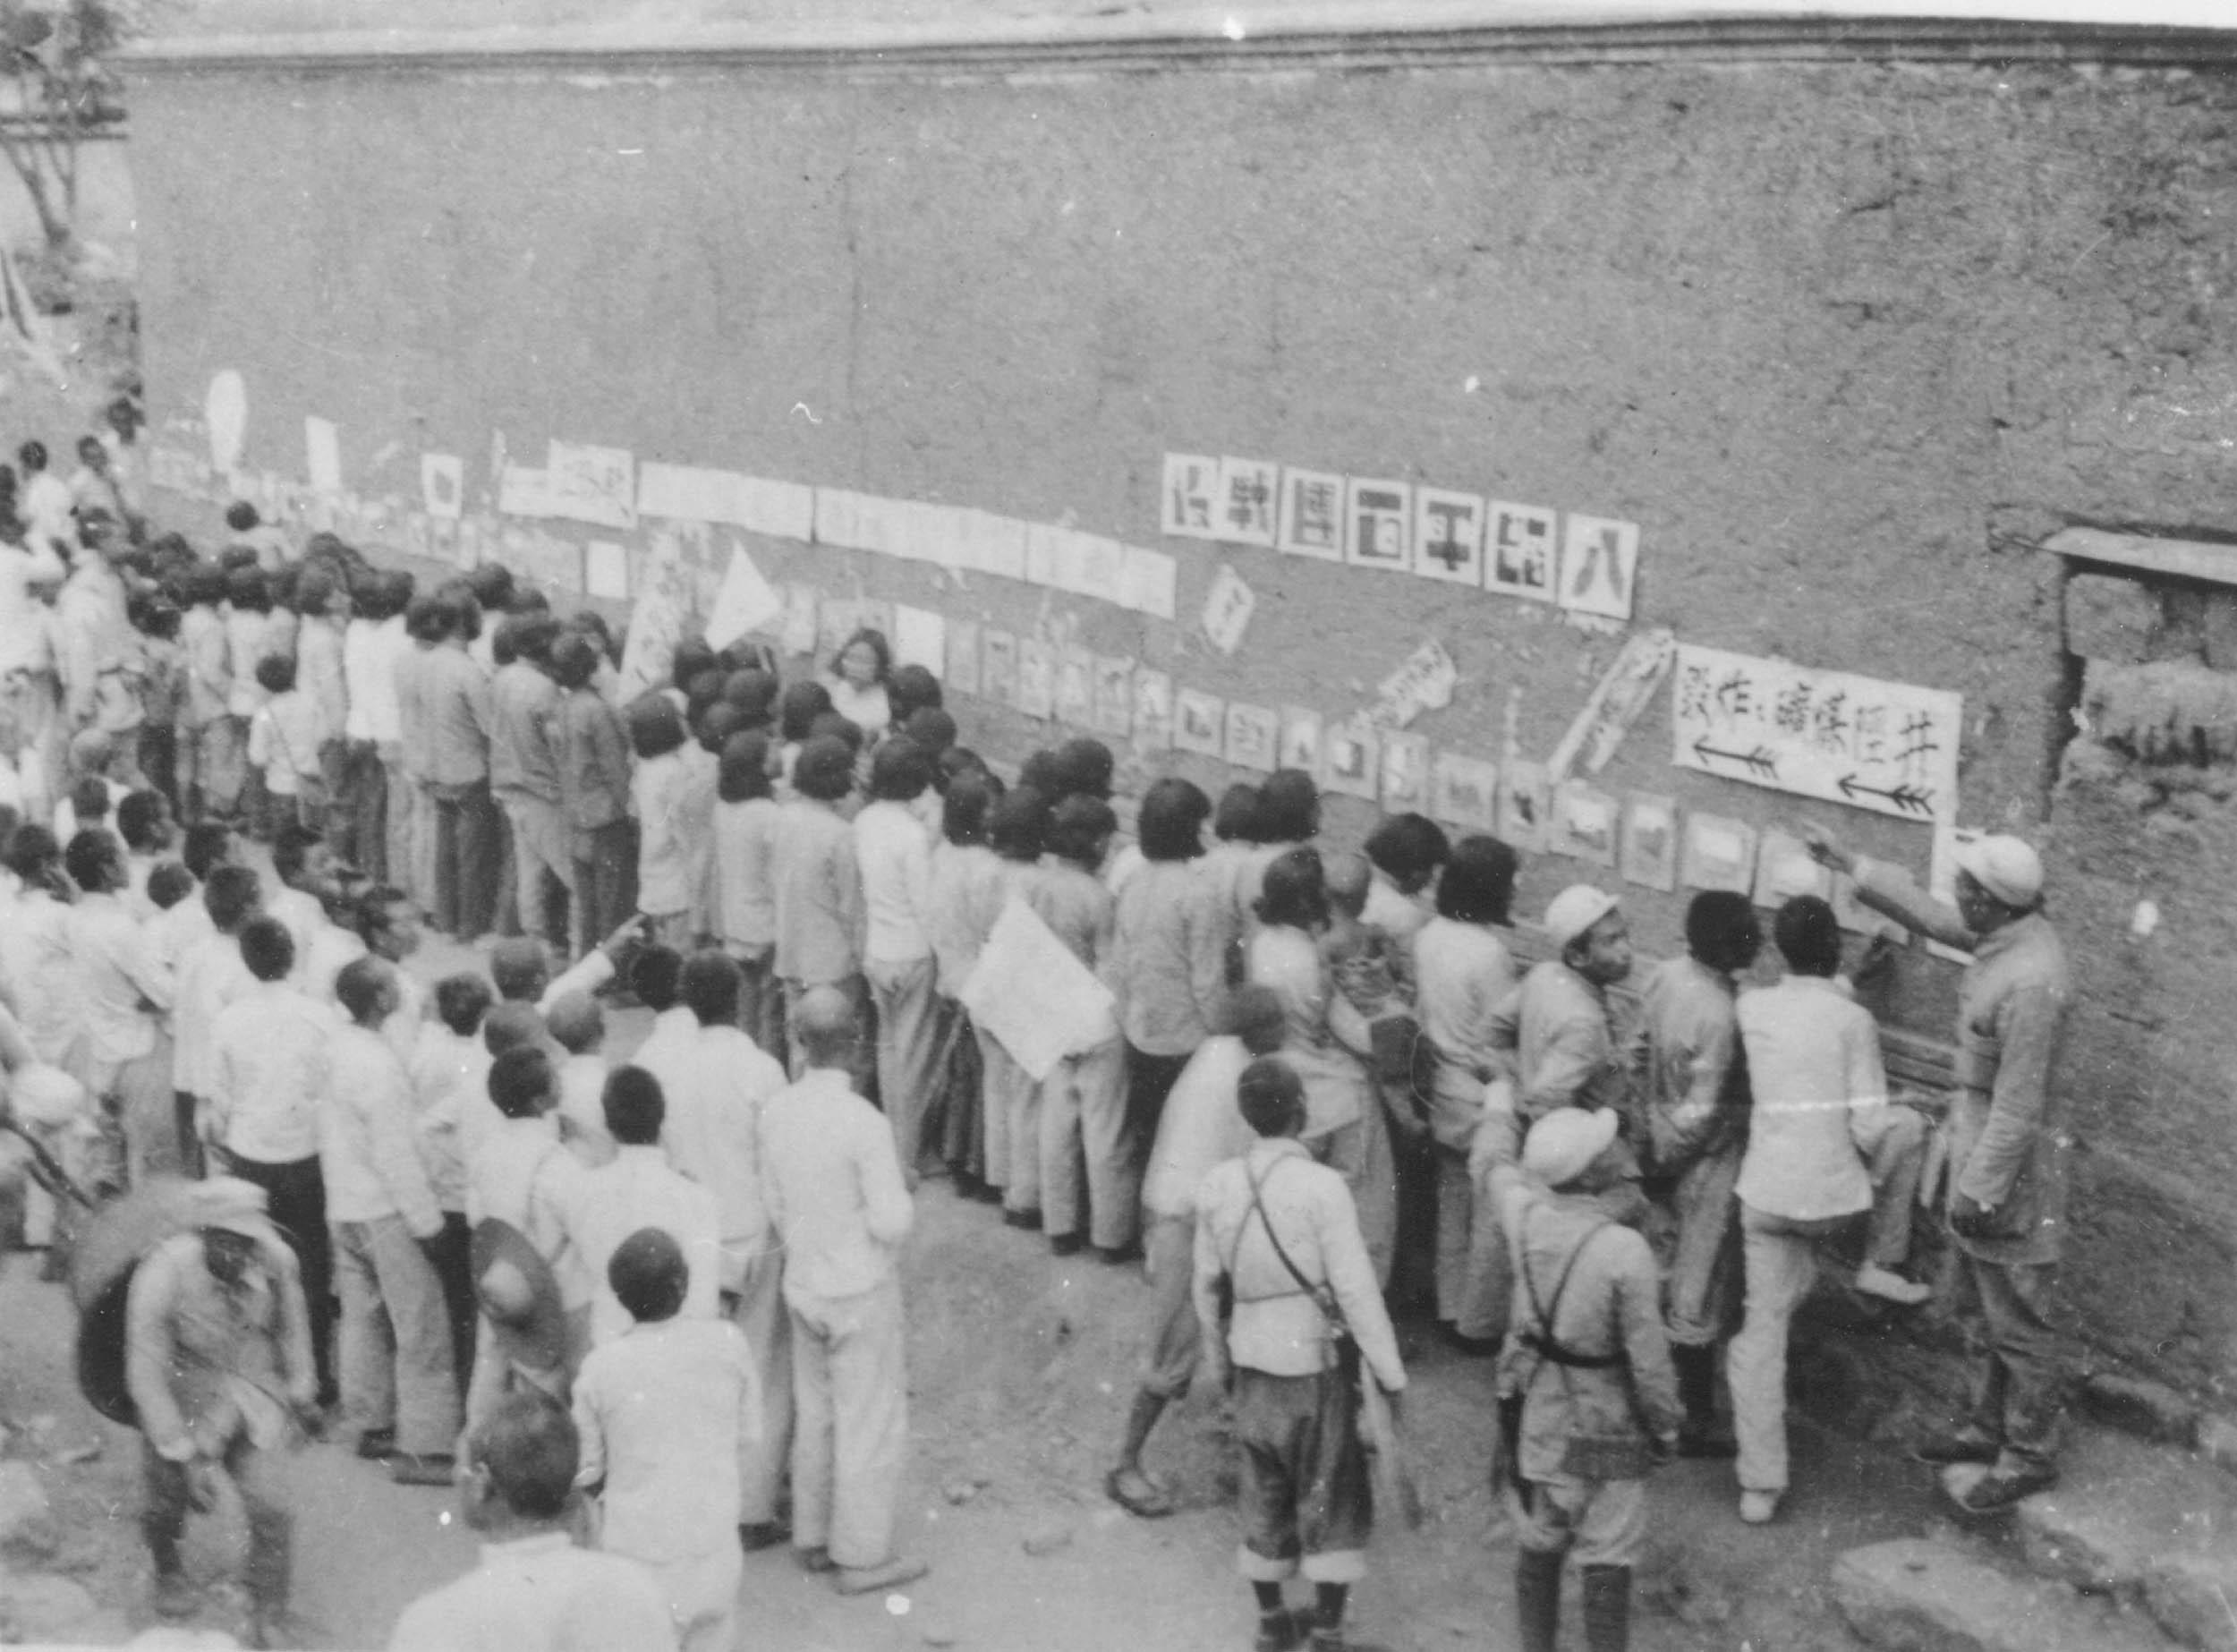 图3-2 晋察冀根据地军民参观百团大战摄影展览 沙飞摄.jpg